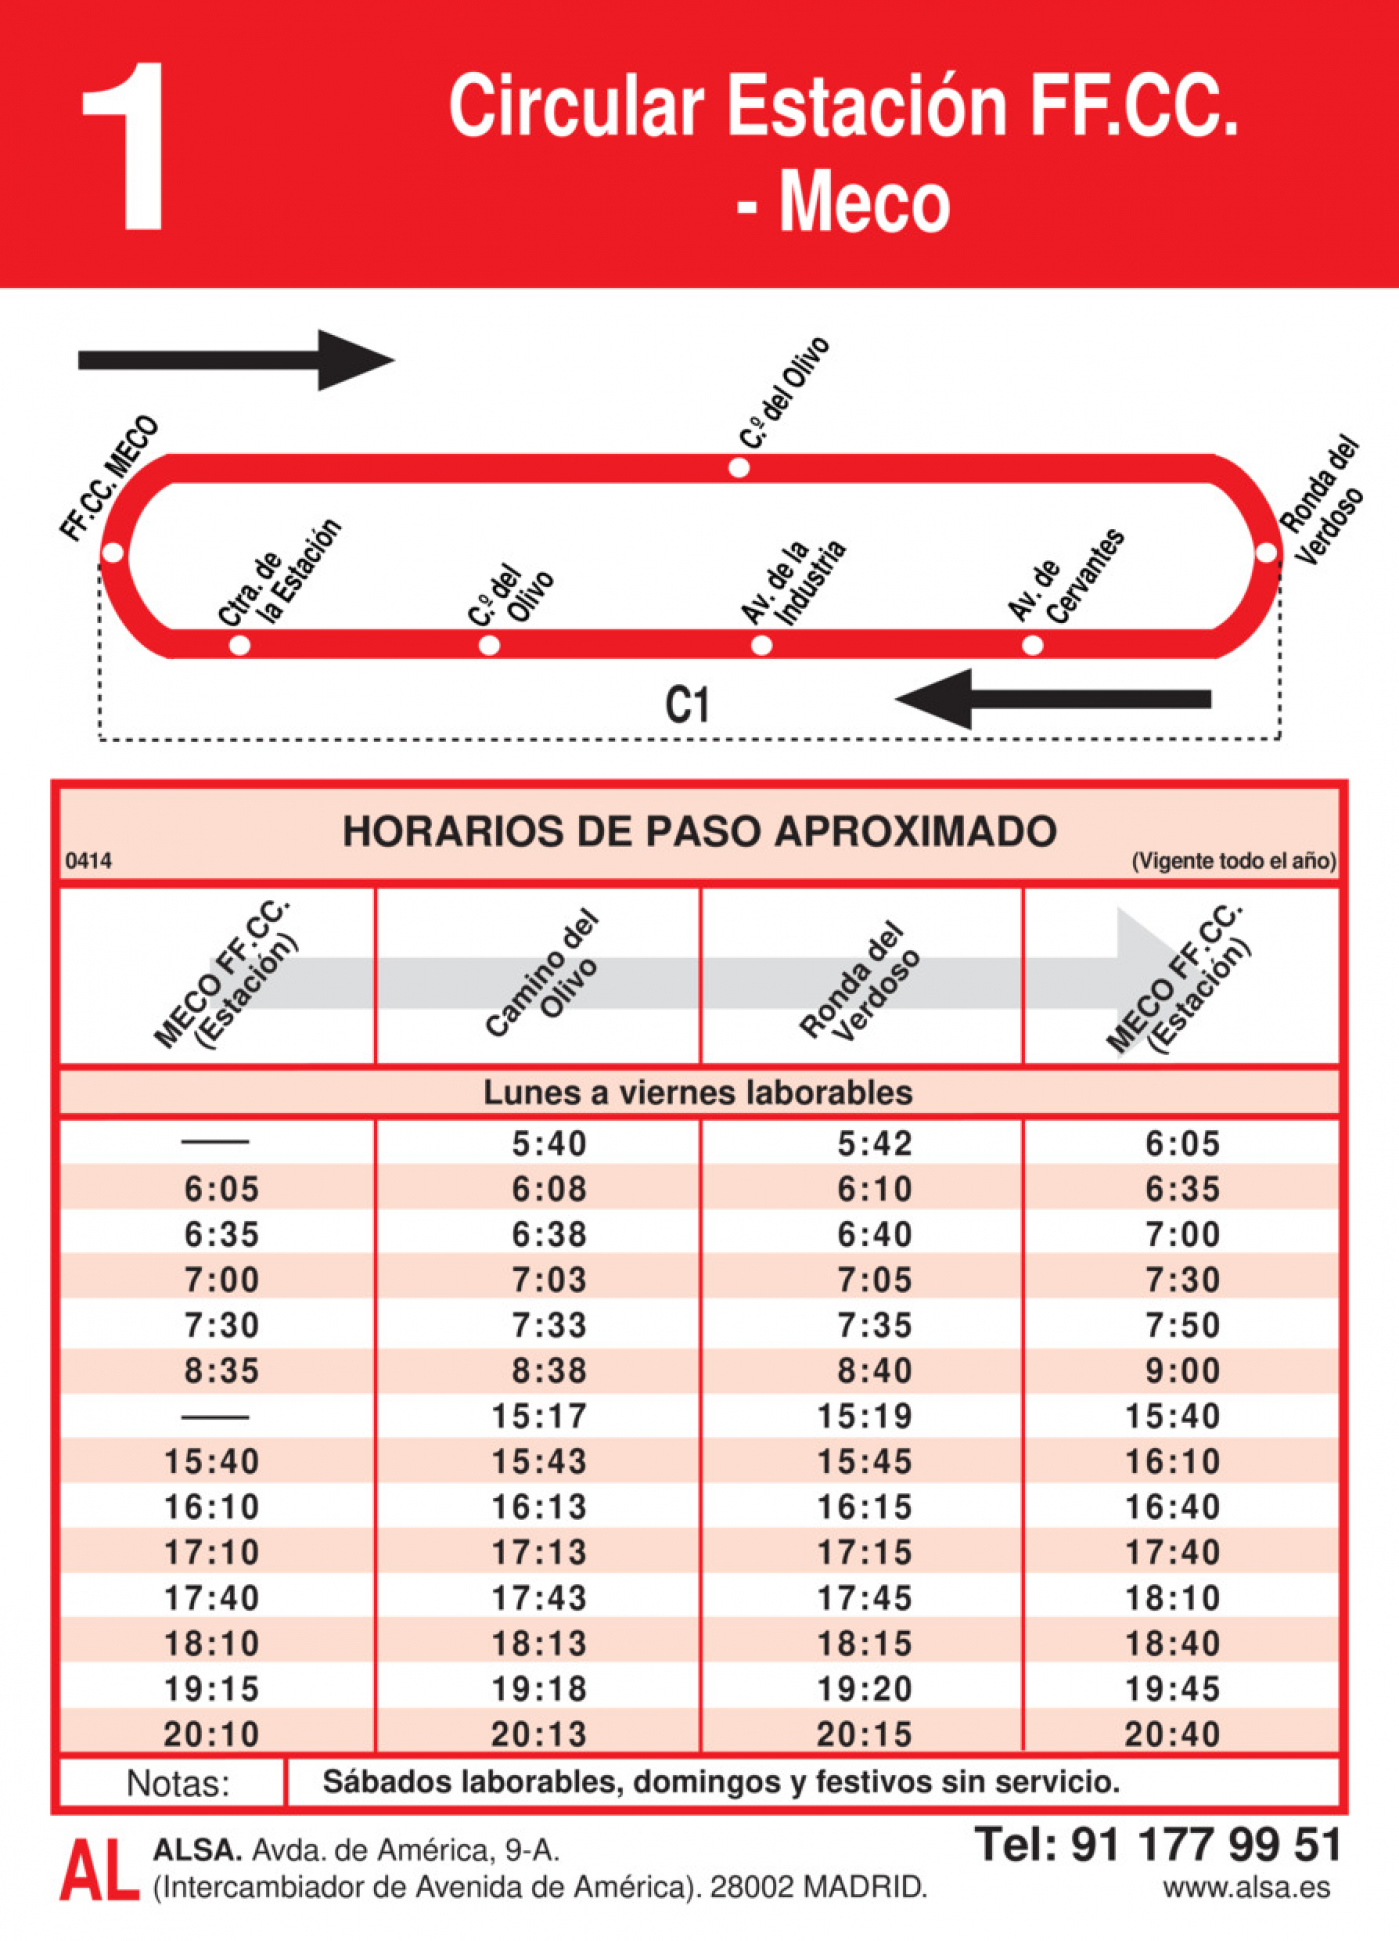 Tabla de horarios y frecuencias de paso en sentido vuelta Línea L-1 Meco: Estación Cercanías RENFE - Meco